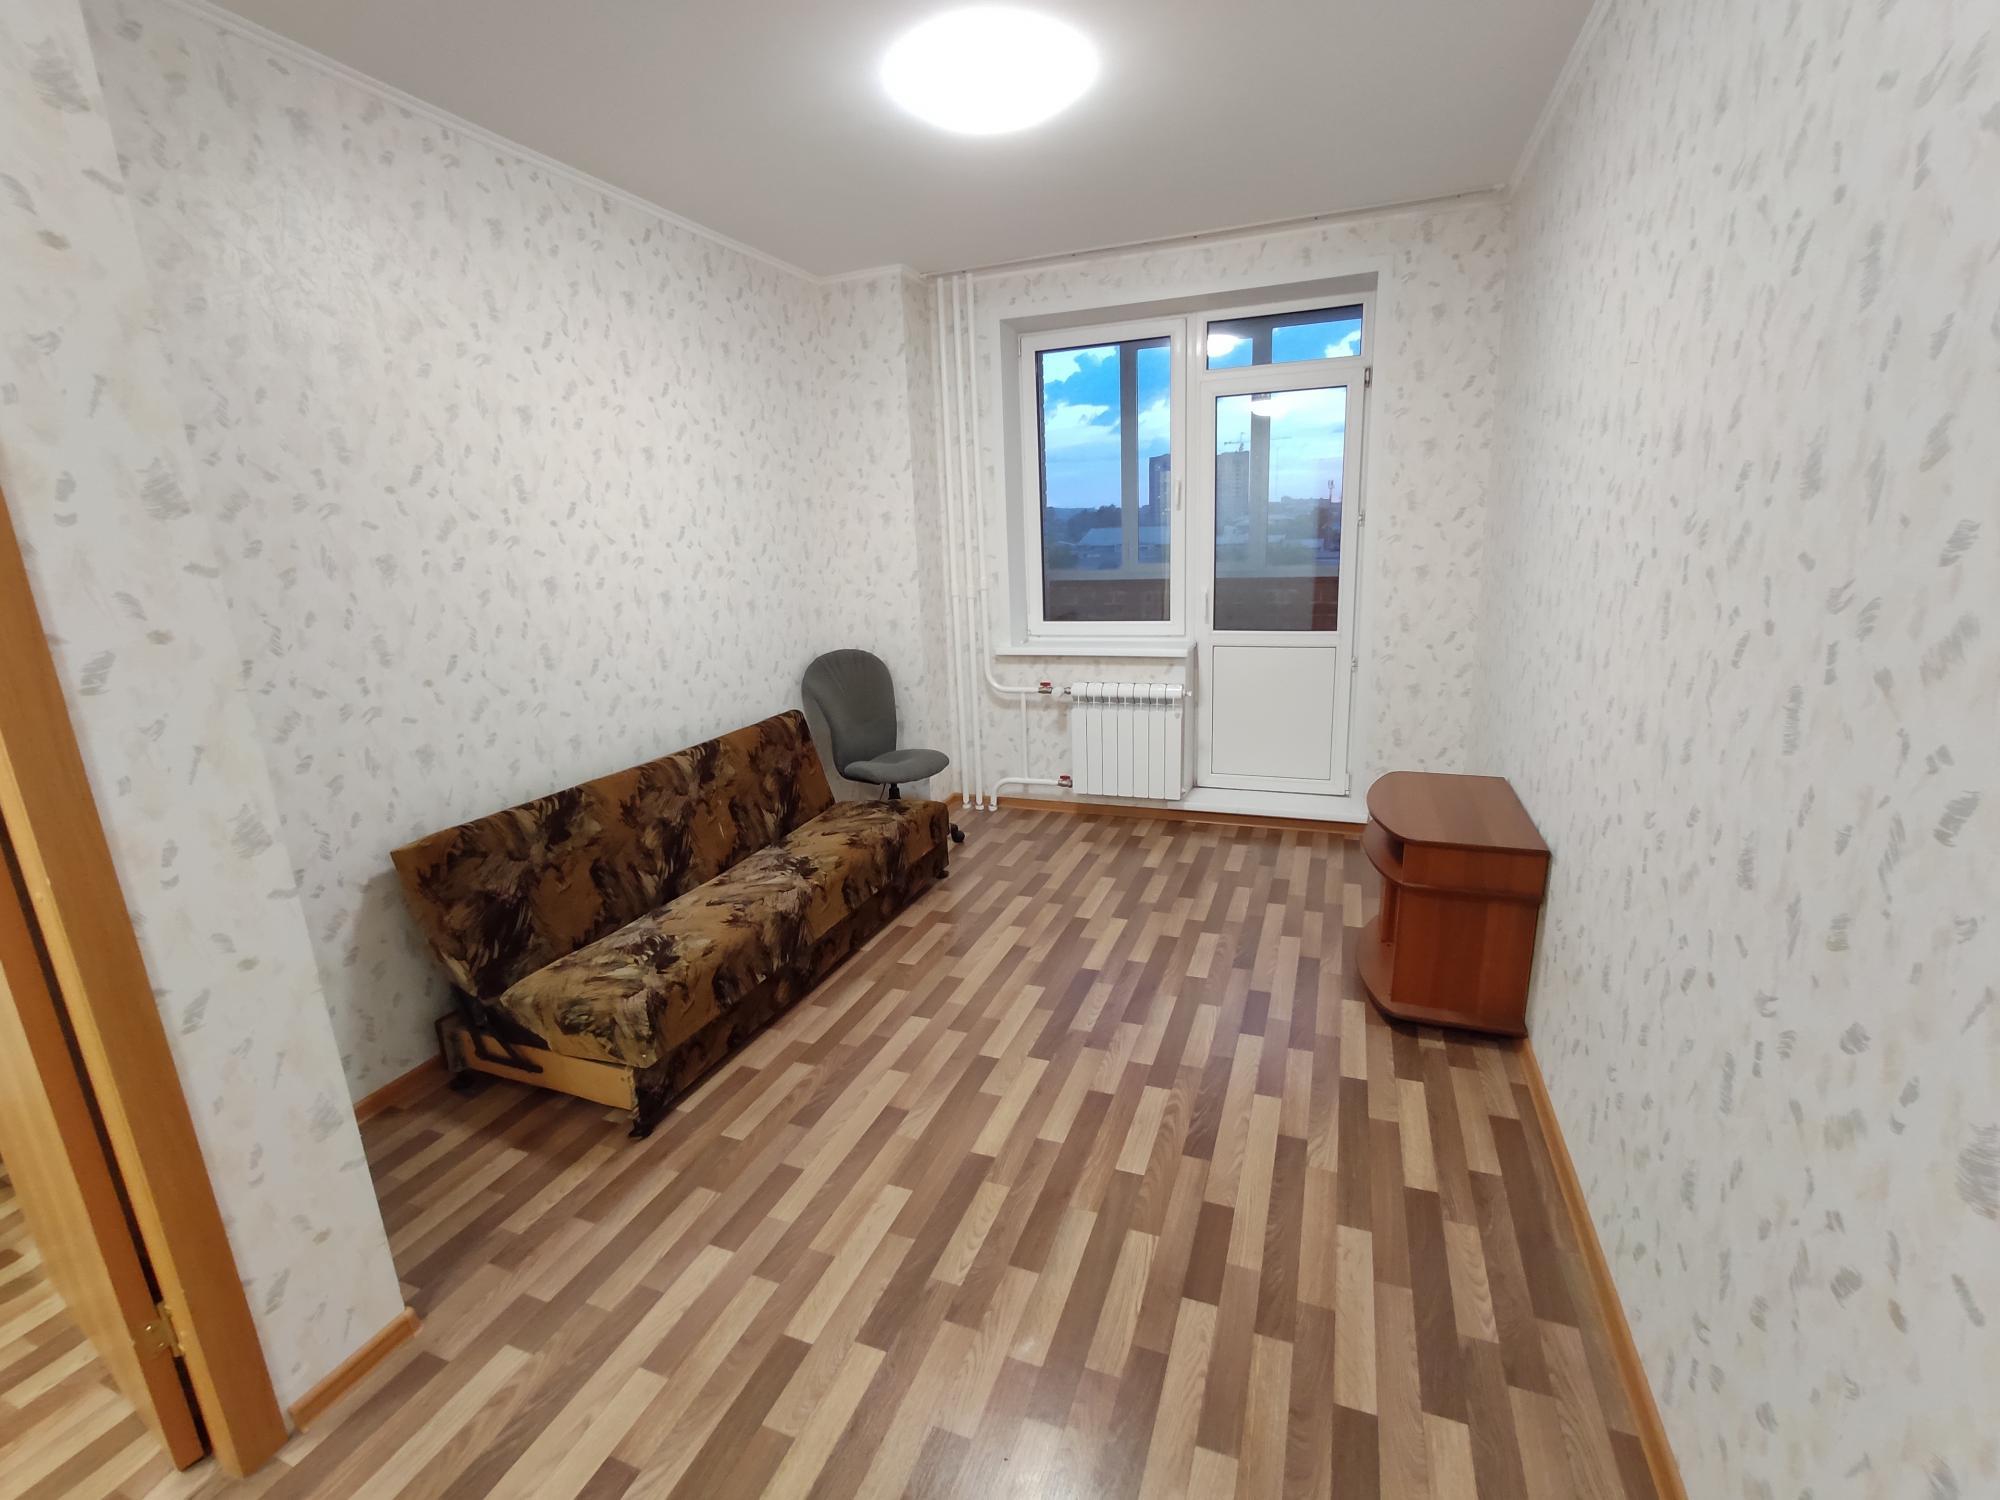 1к квартира улица Калинина, 43Б | 12000 | аренда в Красноярске фото 1